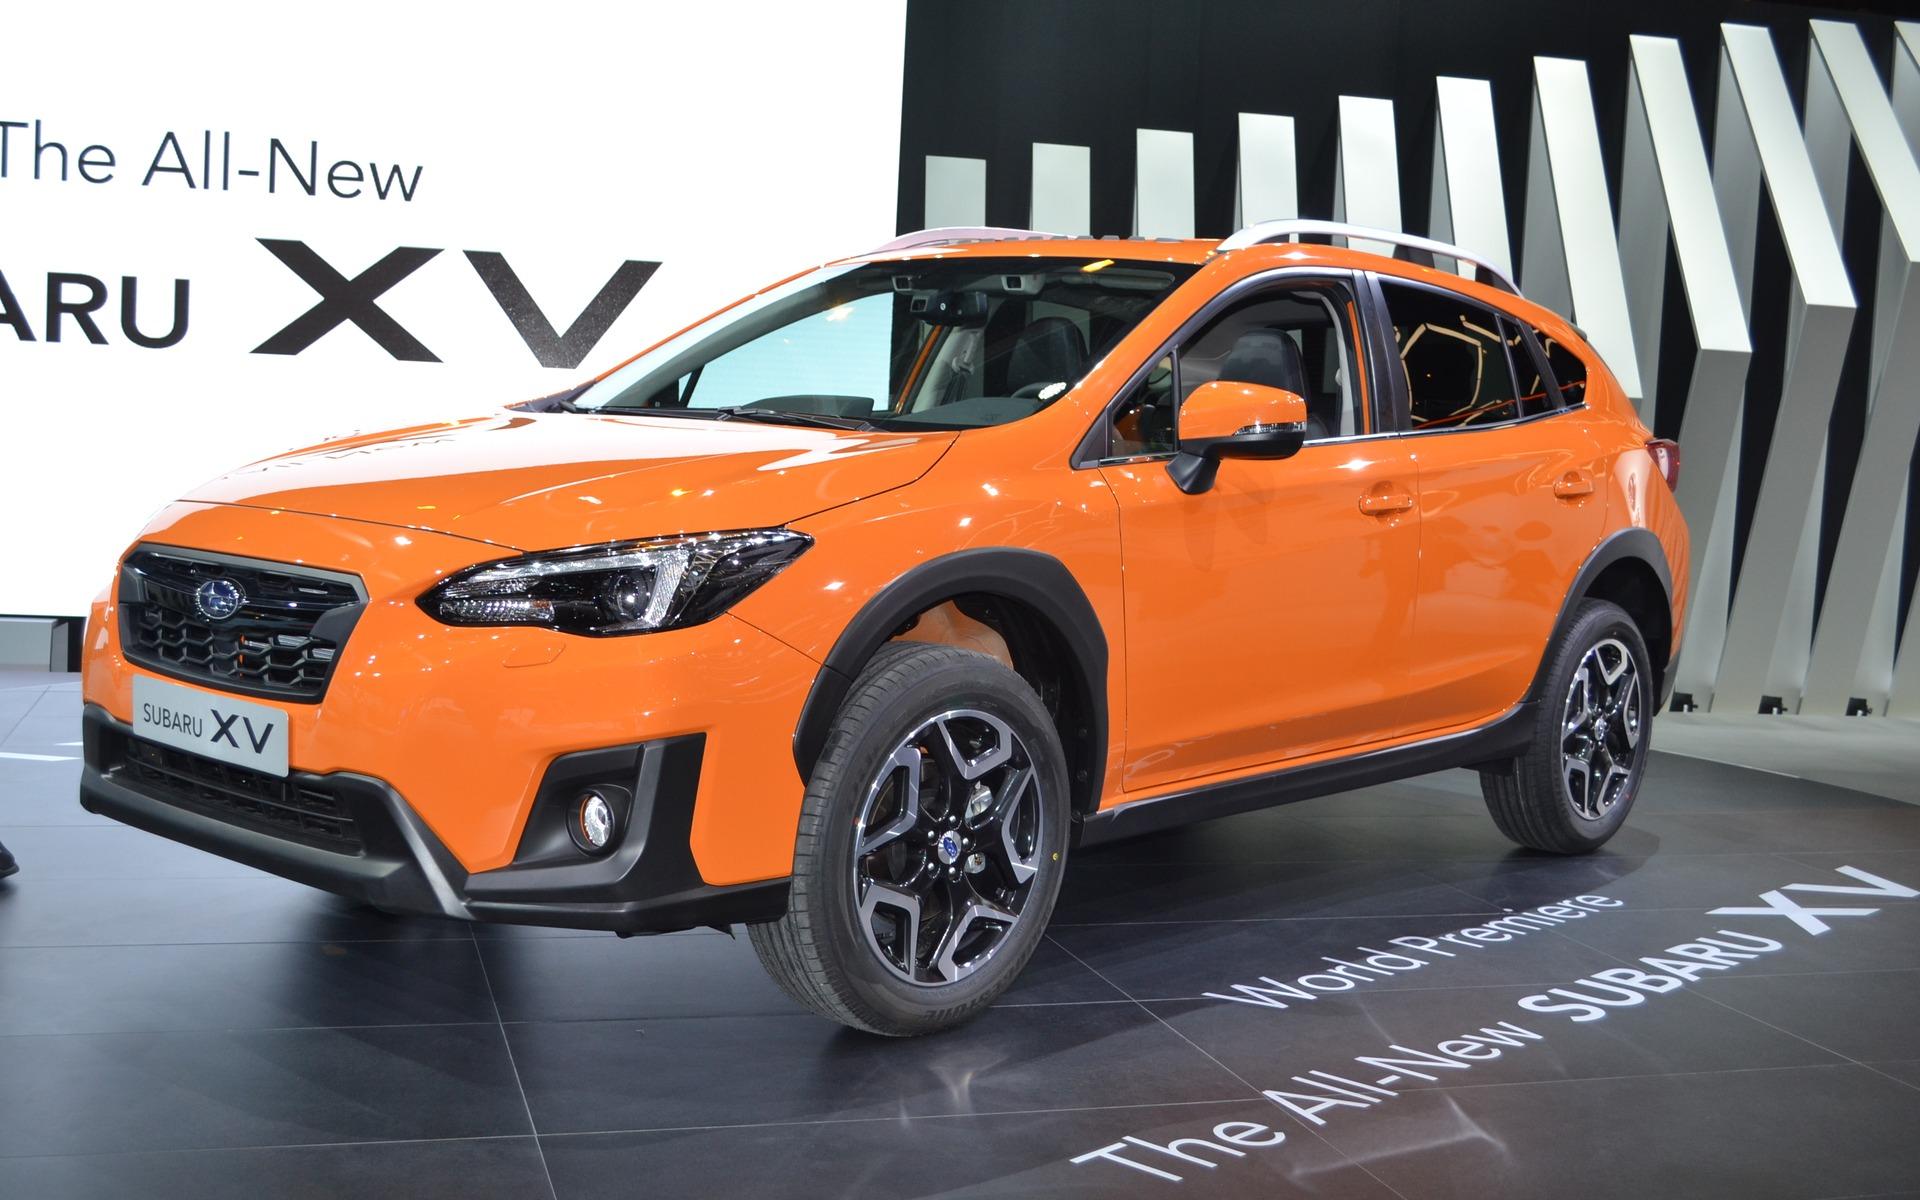 2017 Subaru Crosstrek News reviews picture galleries and videos